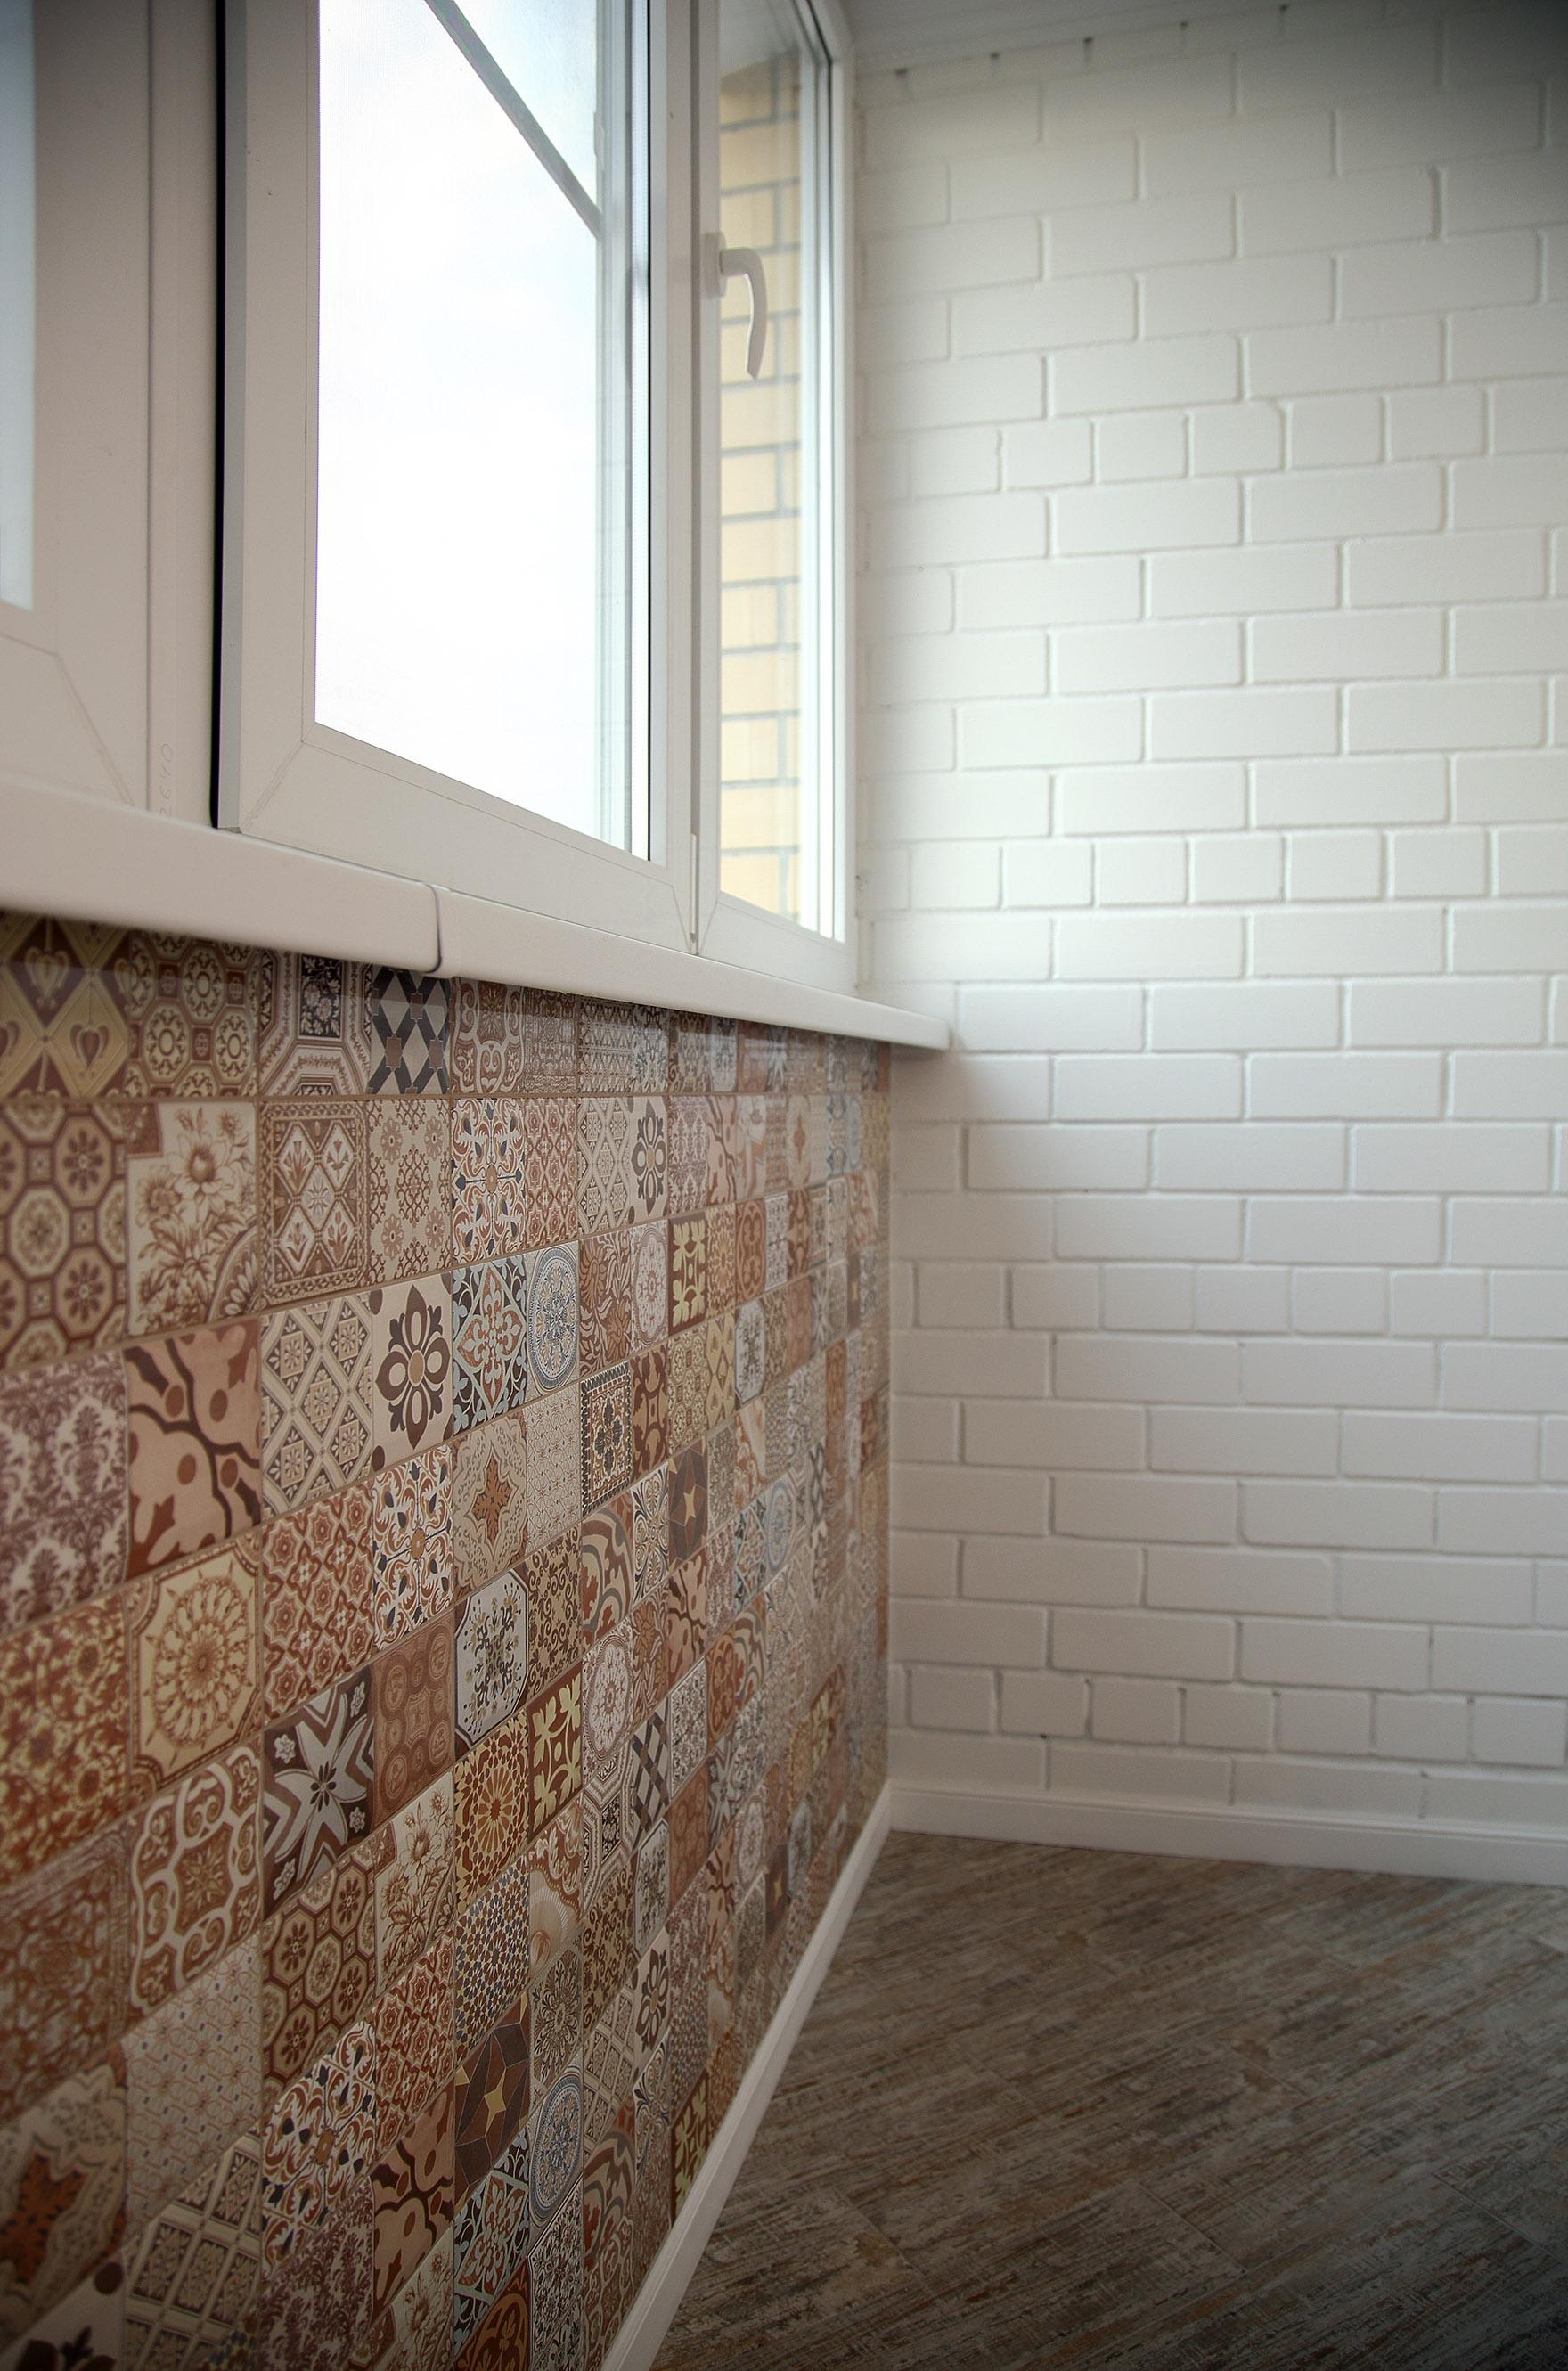 Дизайн маленького балкона. фото оформления и отделки.